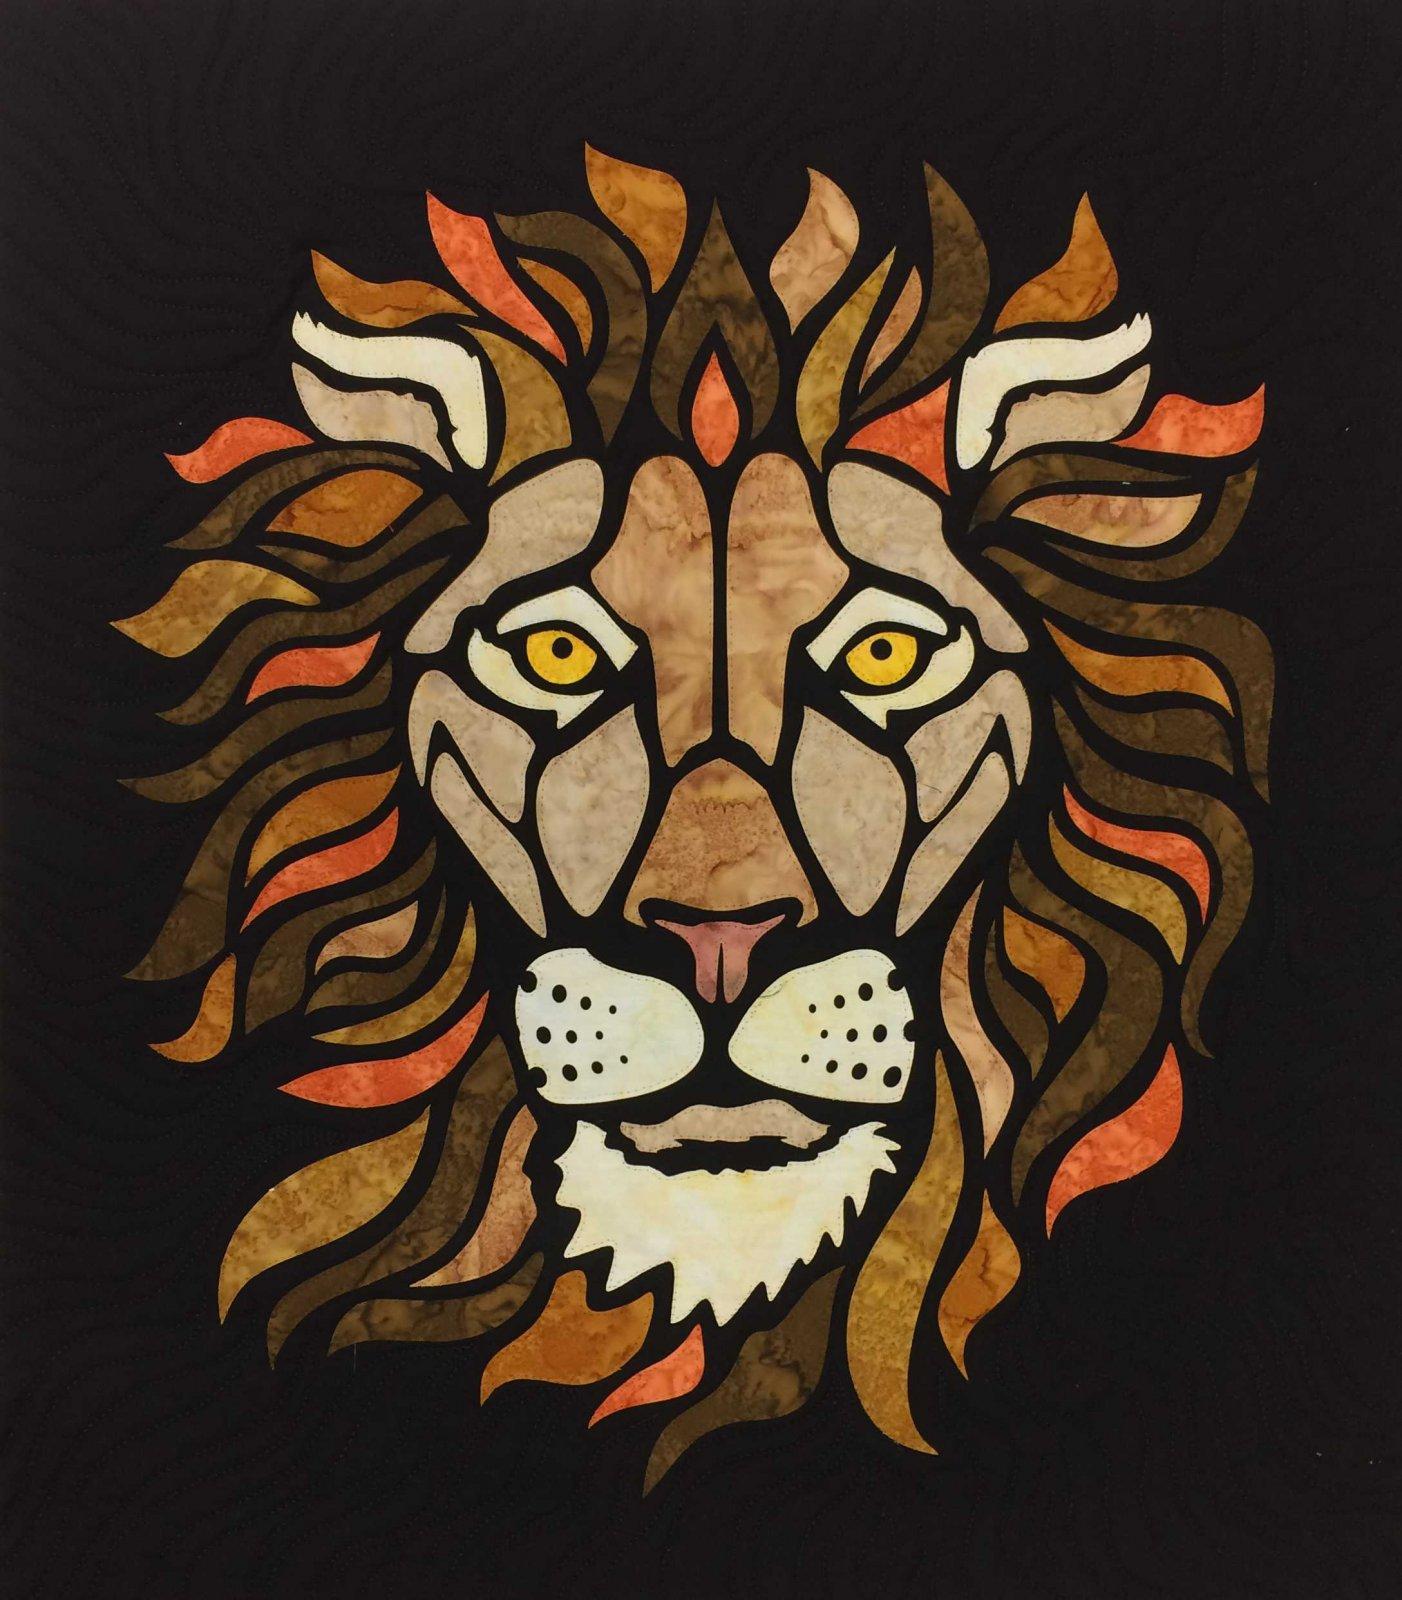 Lion 23 x 26 Sewfari Laser Cut Applique Kit by Westfield Laser Design